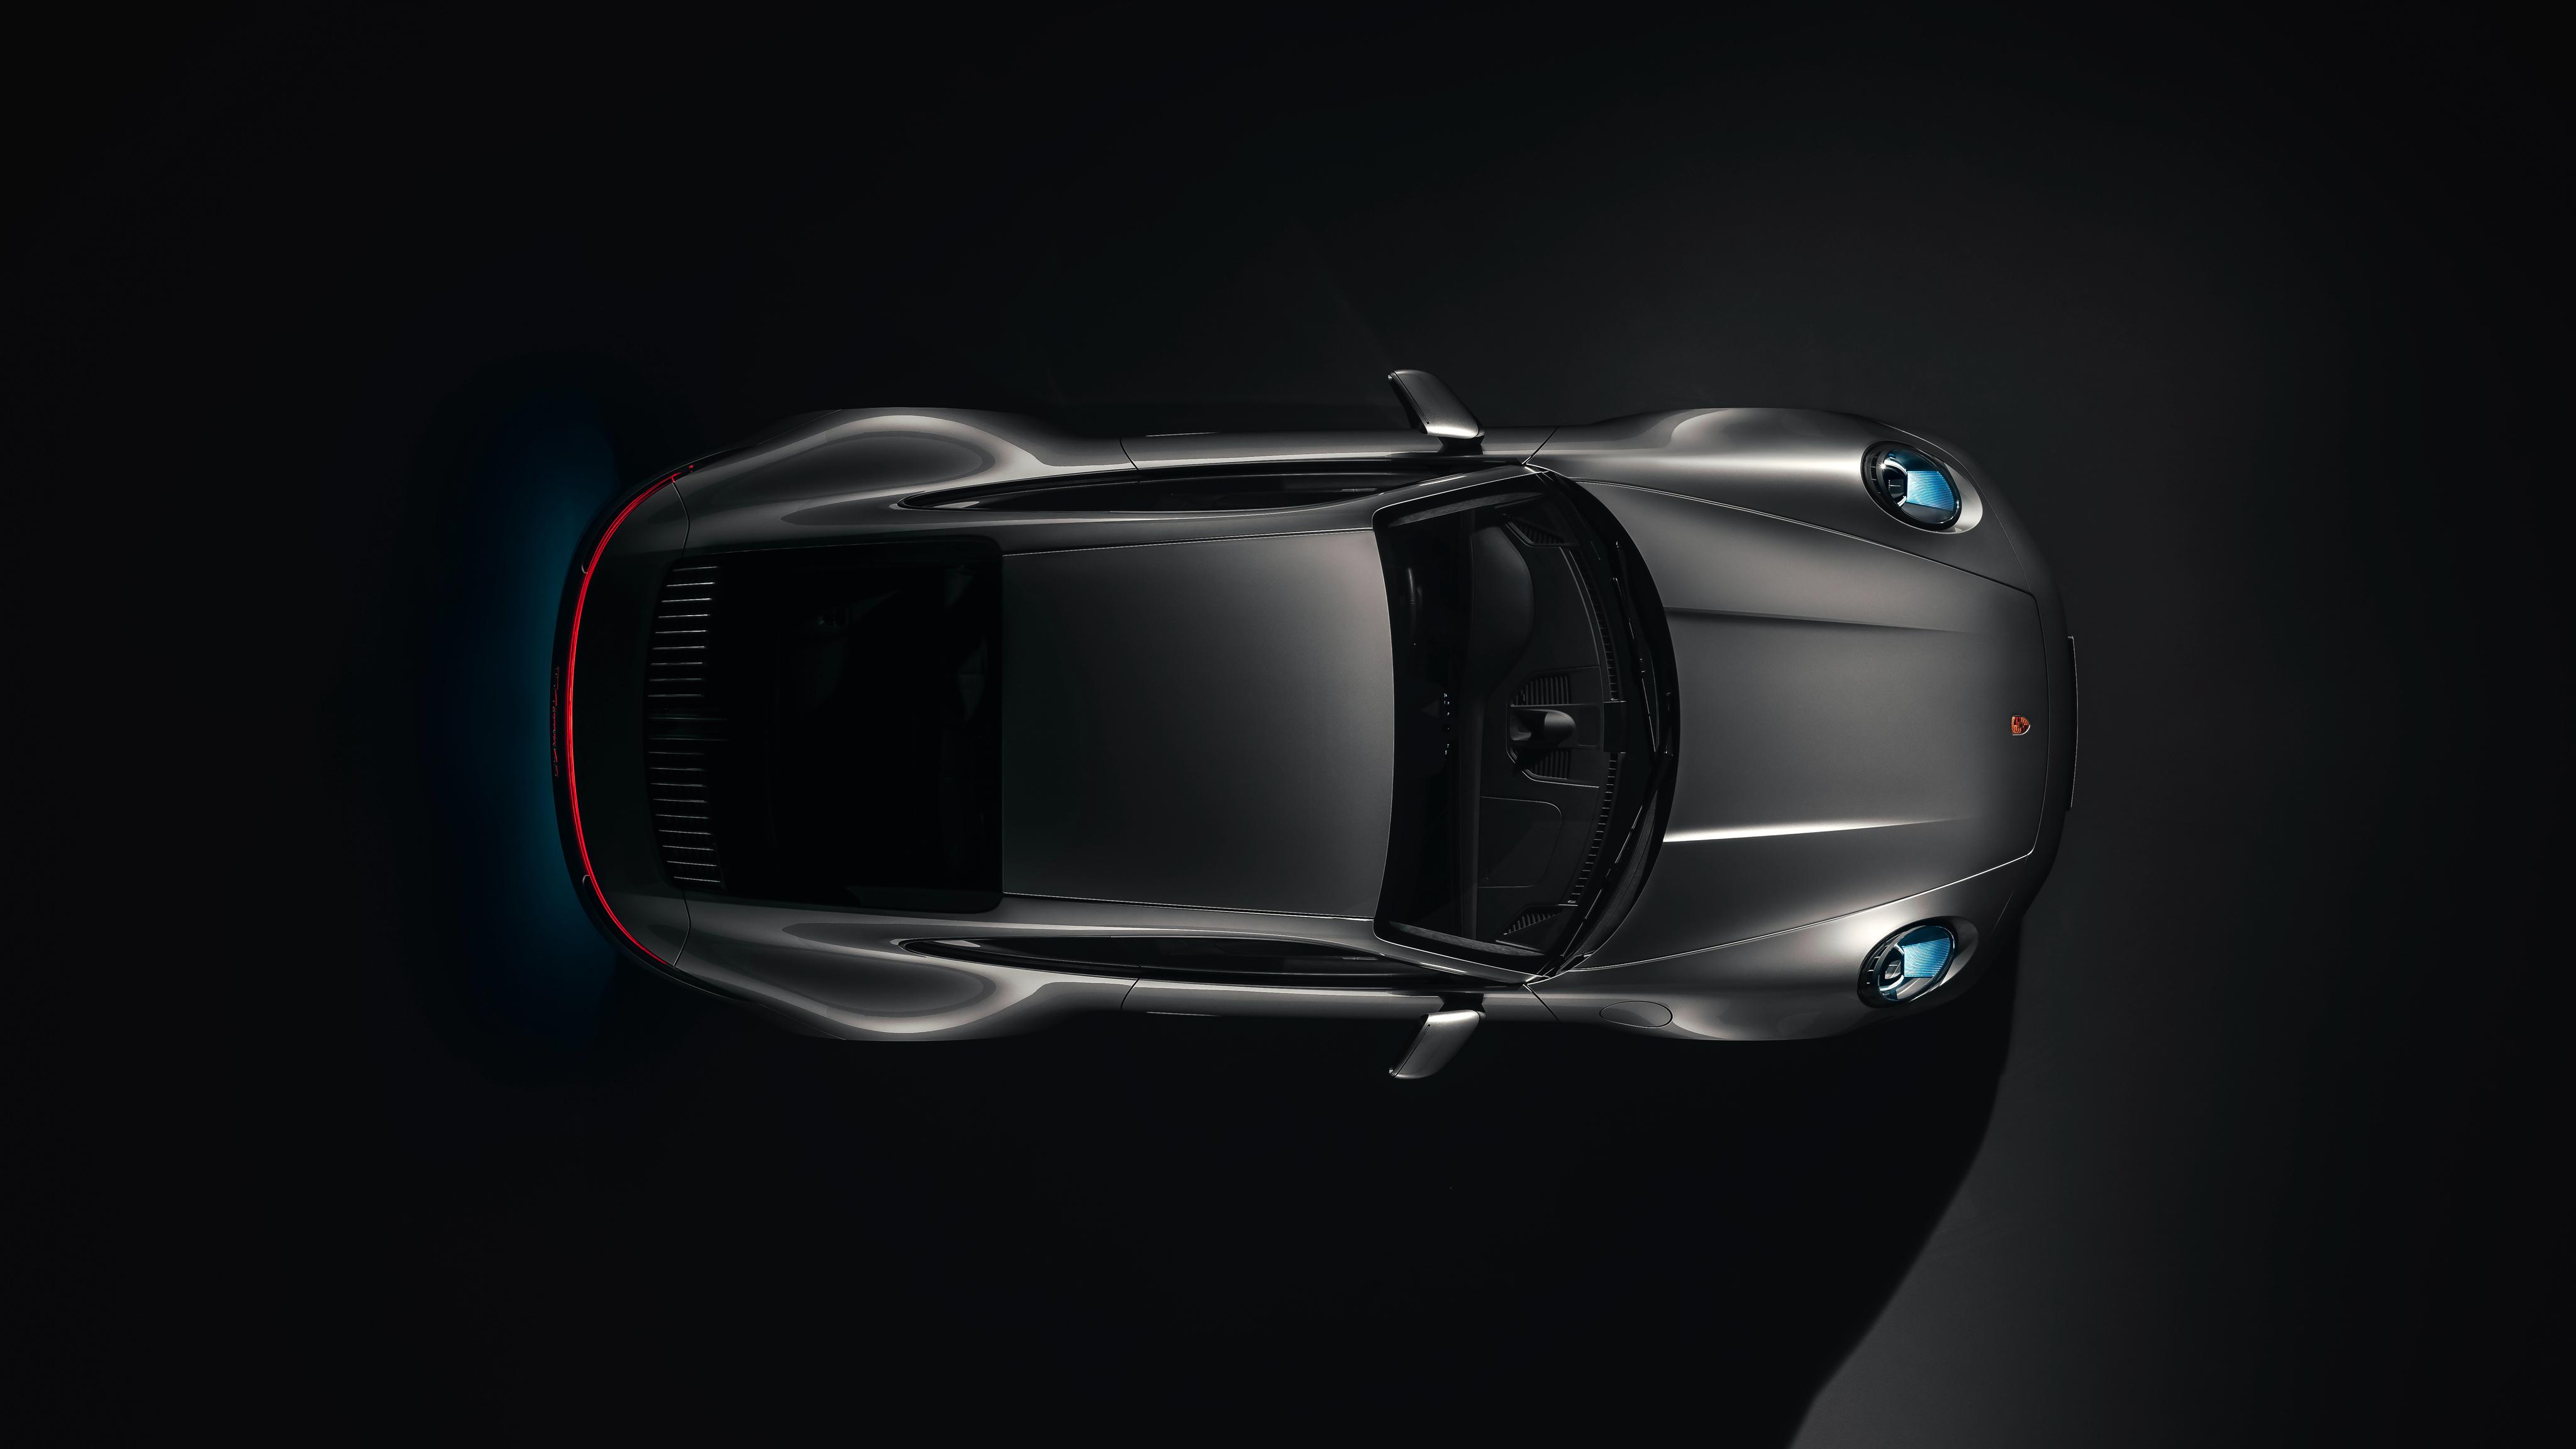 Porsche 911 Carrera 4s 2019 4k 6 Wallpaper Hd Car Wallpapers Id 11631